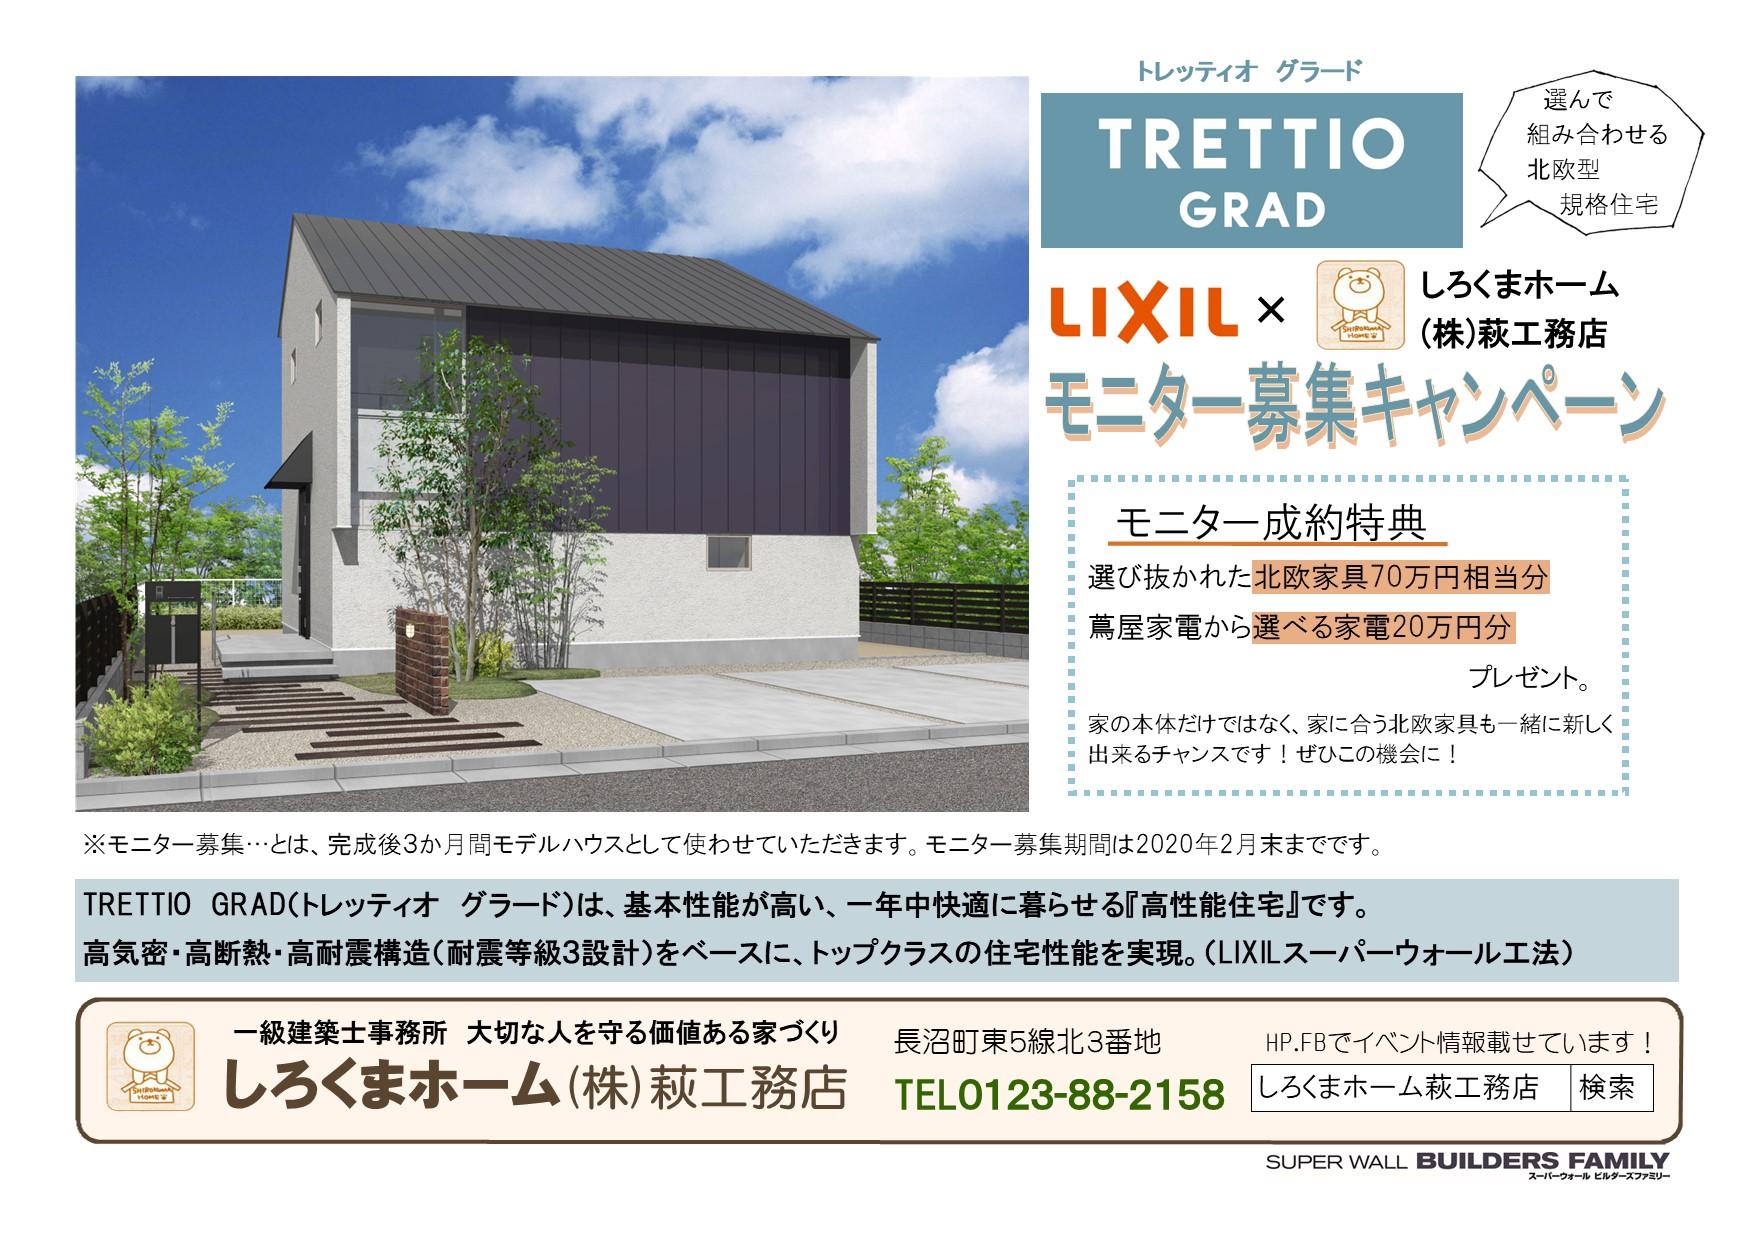 北欧住宅『TRETTIO GRARD』キャンペーン中です☆